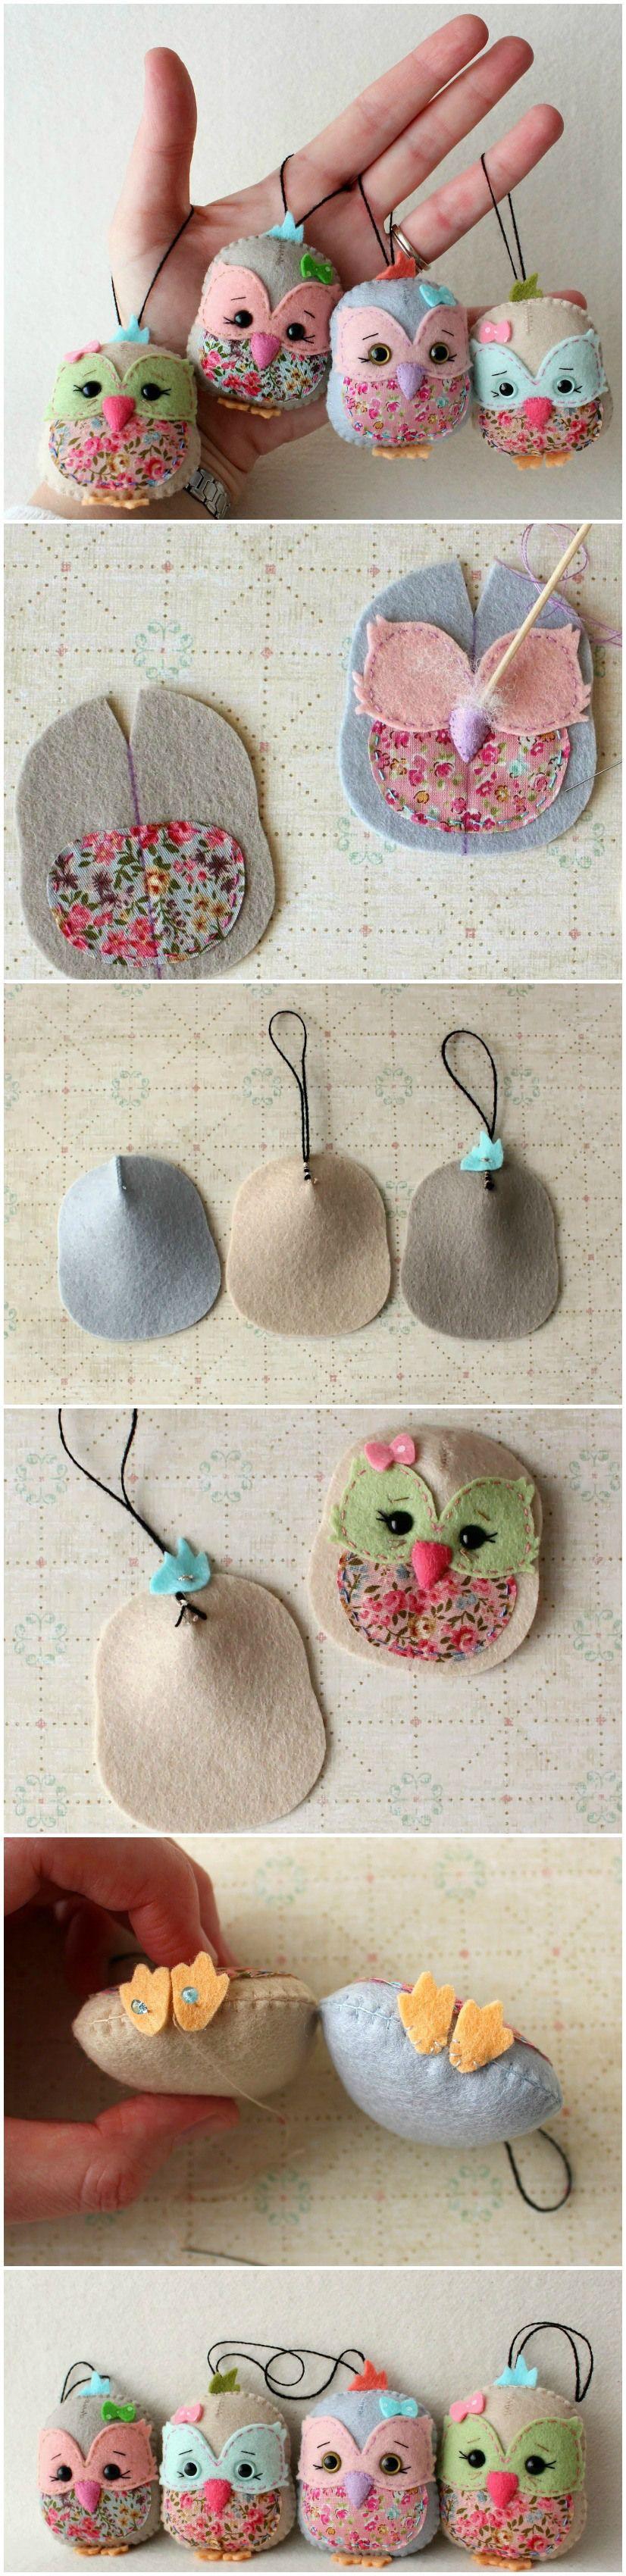 Gingermelon Dolls: Free Pattern – Little Lark Lavender Sachet ...